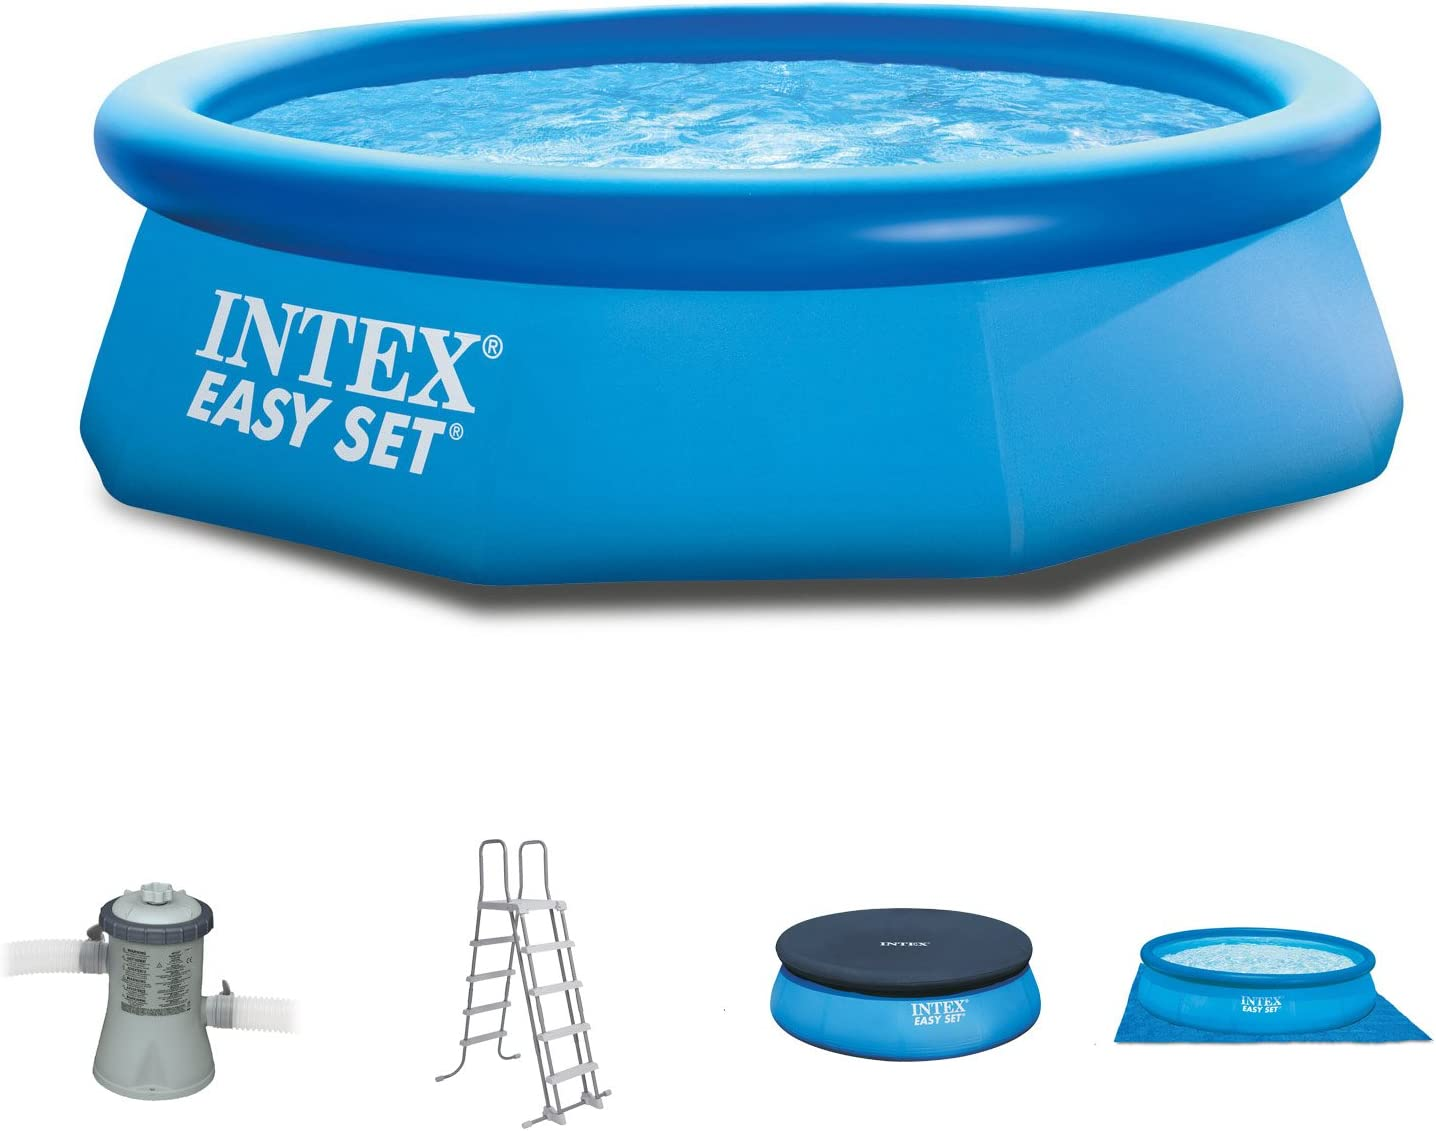 Intex 244 x 76 cm Easy Pool 281121 Juego completo incl. Bomba de ...